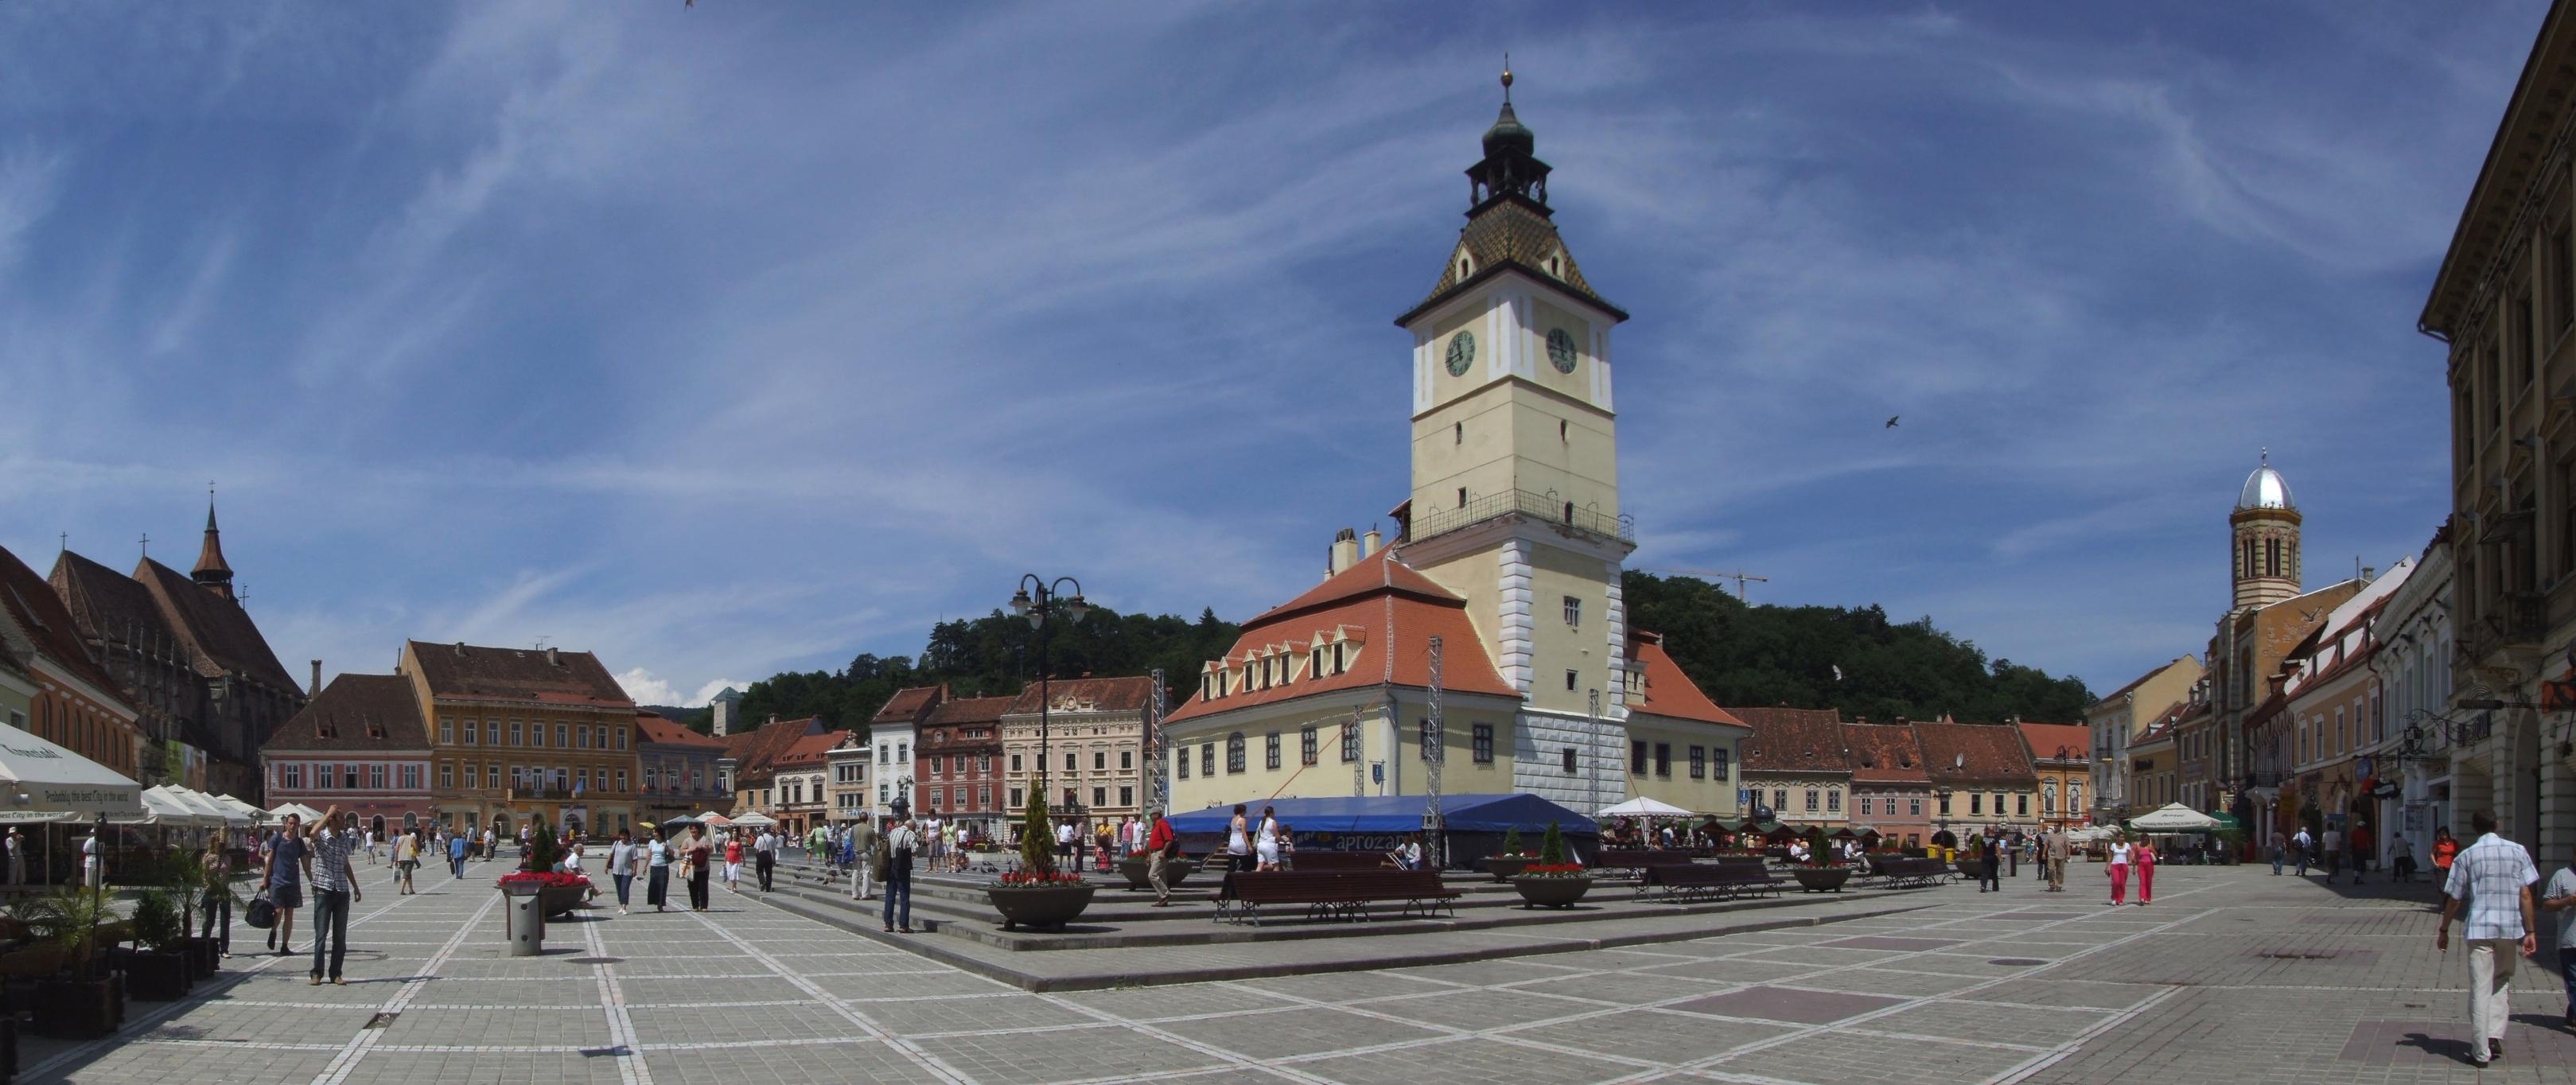 Atractia Brasovului featured image